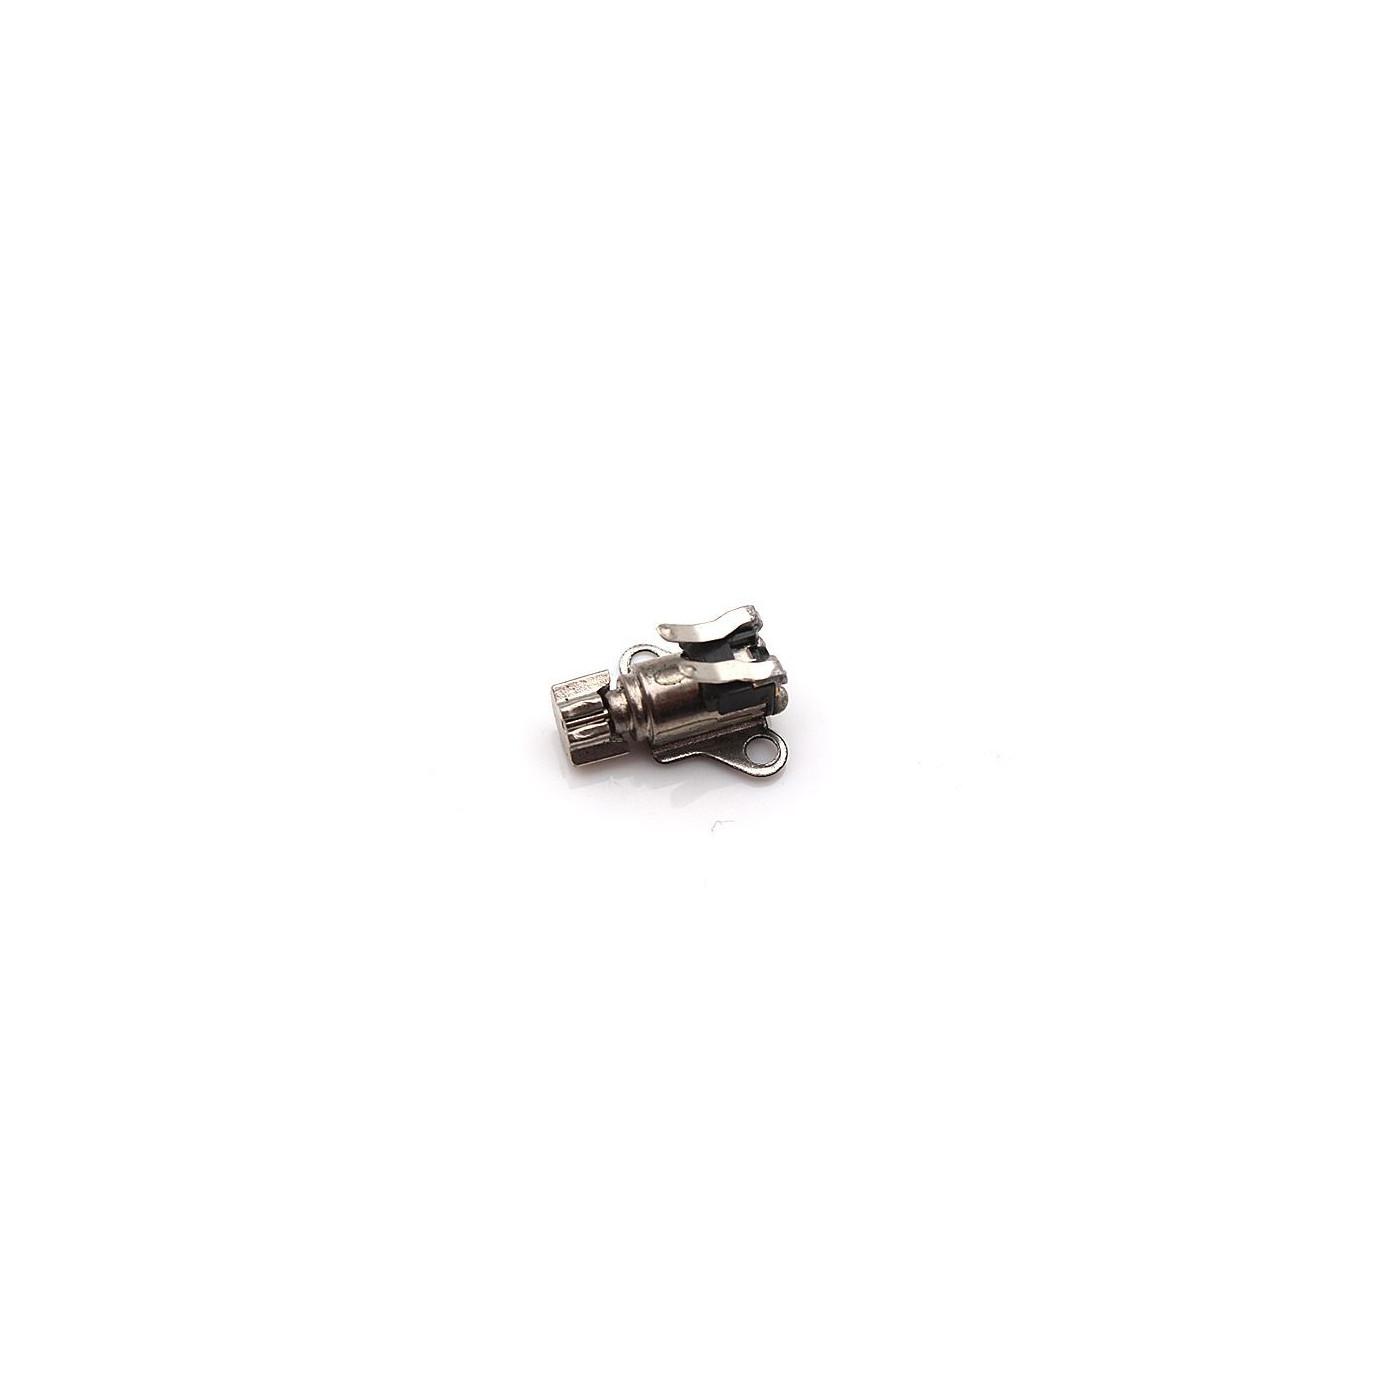 Motor de vibración de repuesto para Apple Iphone 4